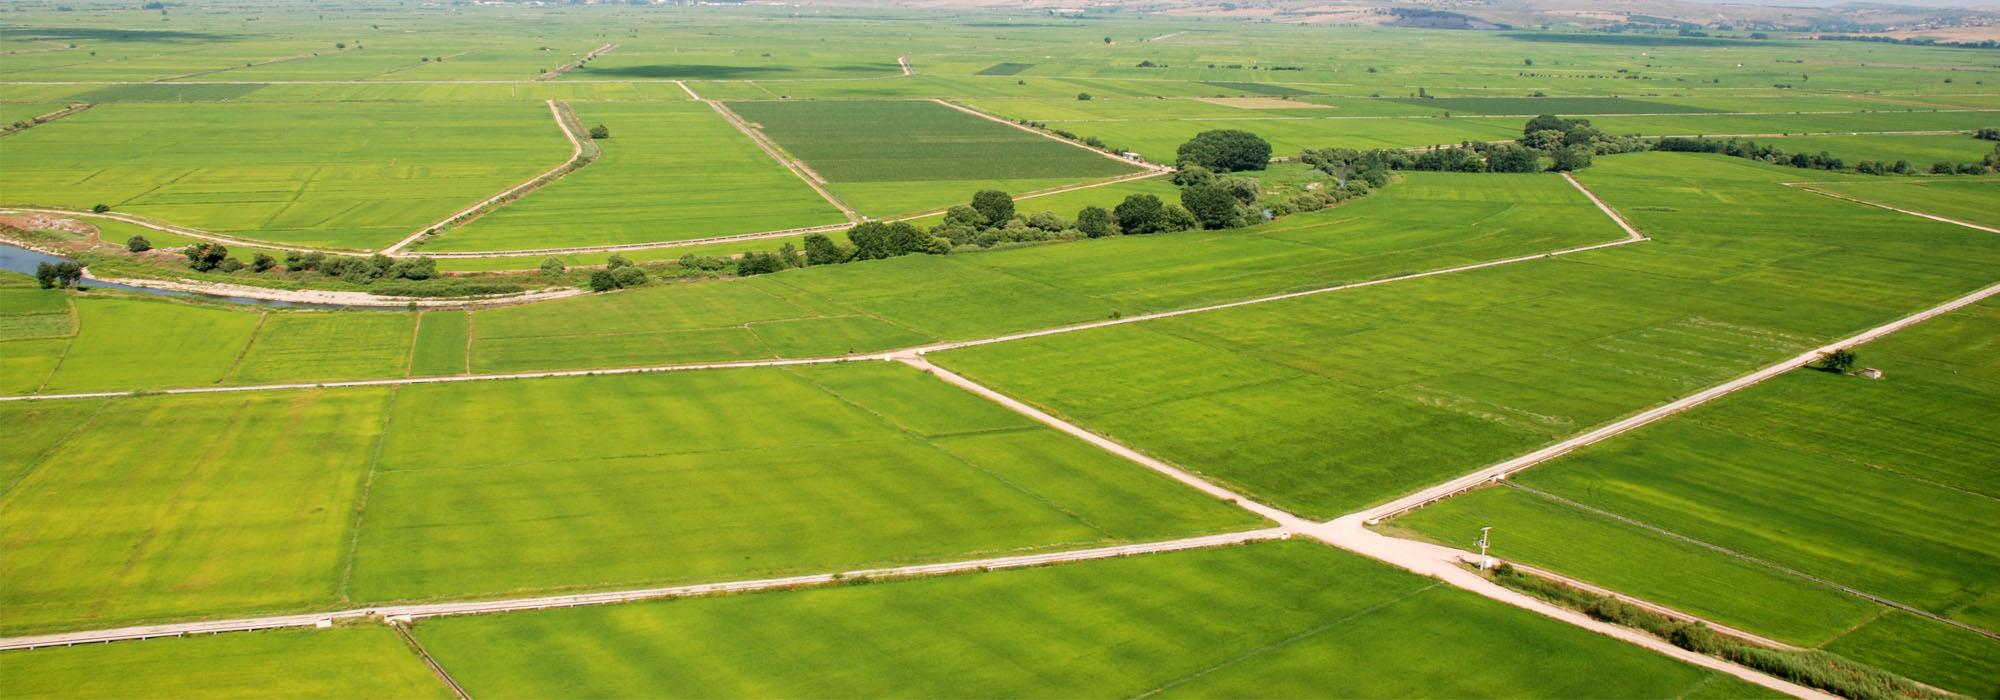 Hazine Arazilerinin Topraksız Çiftçilere Kiraya Verilmesi Kanunu